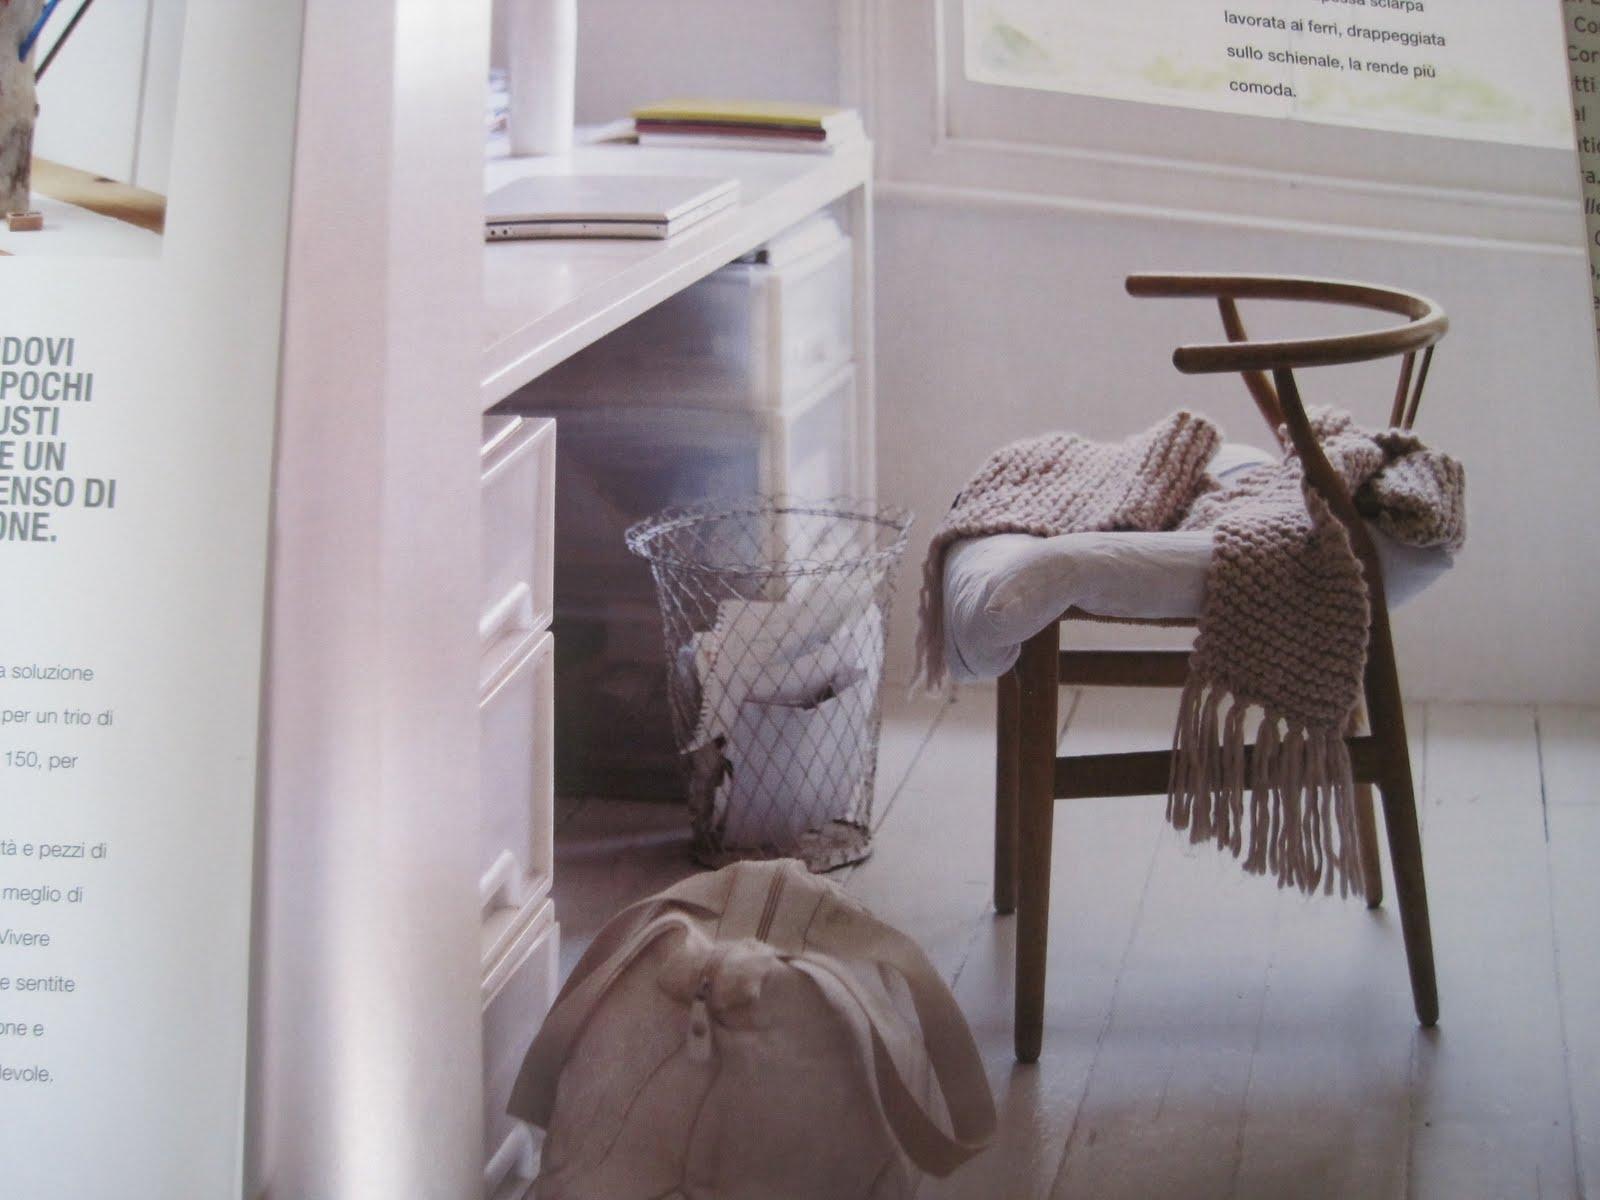 Crochettara ottobre 2010 - La casa semplice ...